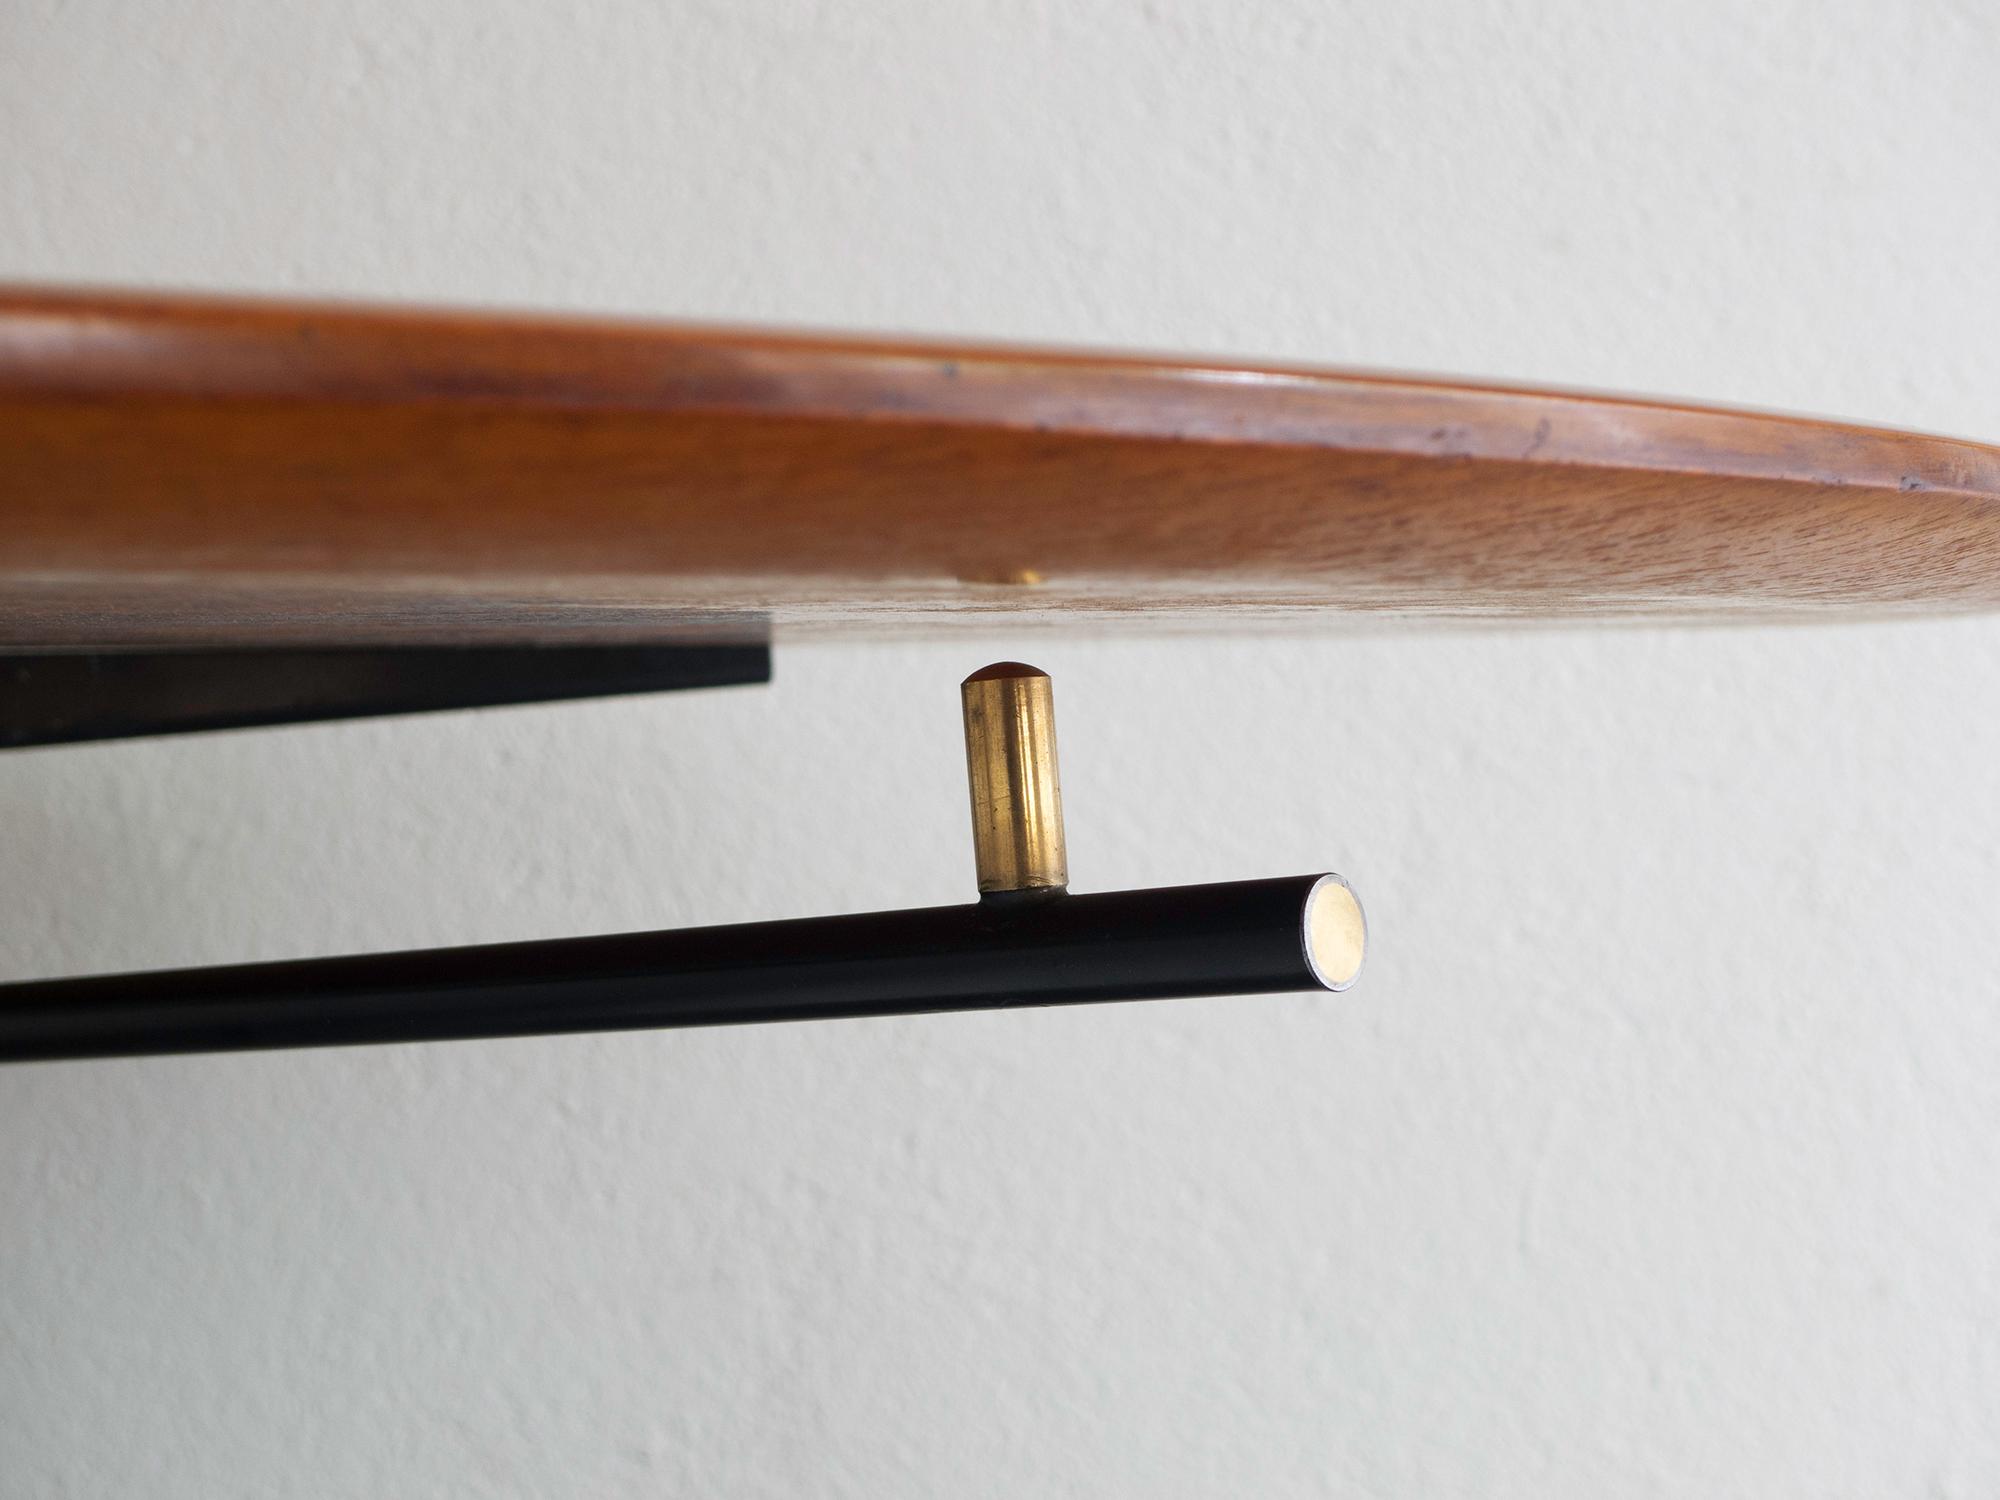 t41-adjustable-table-by-osvaldo-borsani-image-05